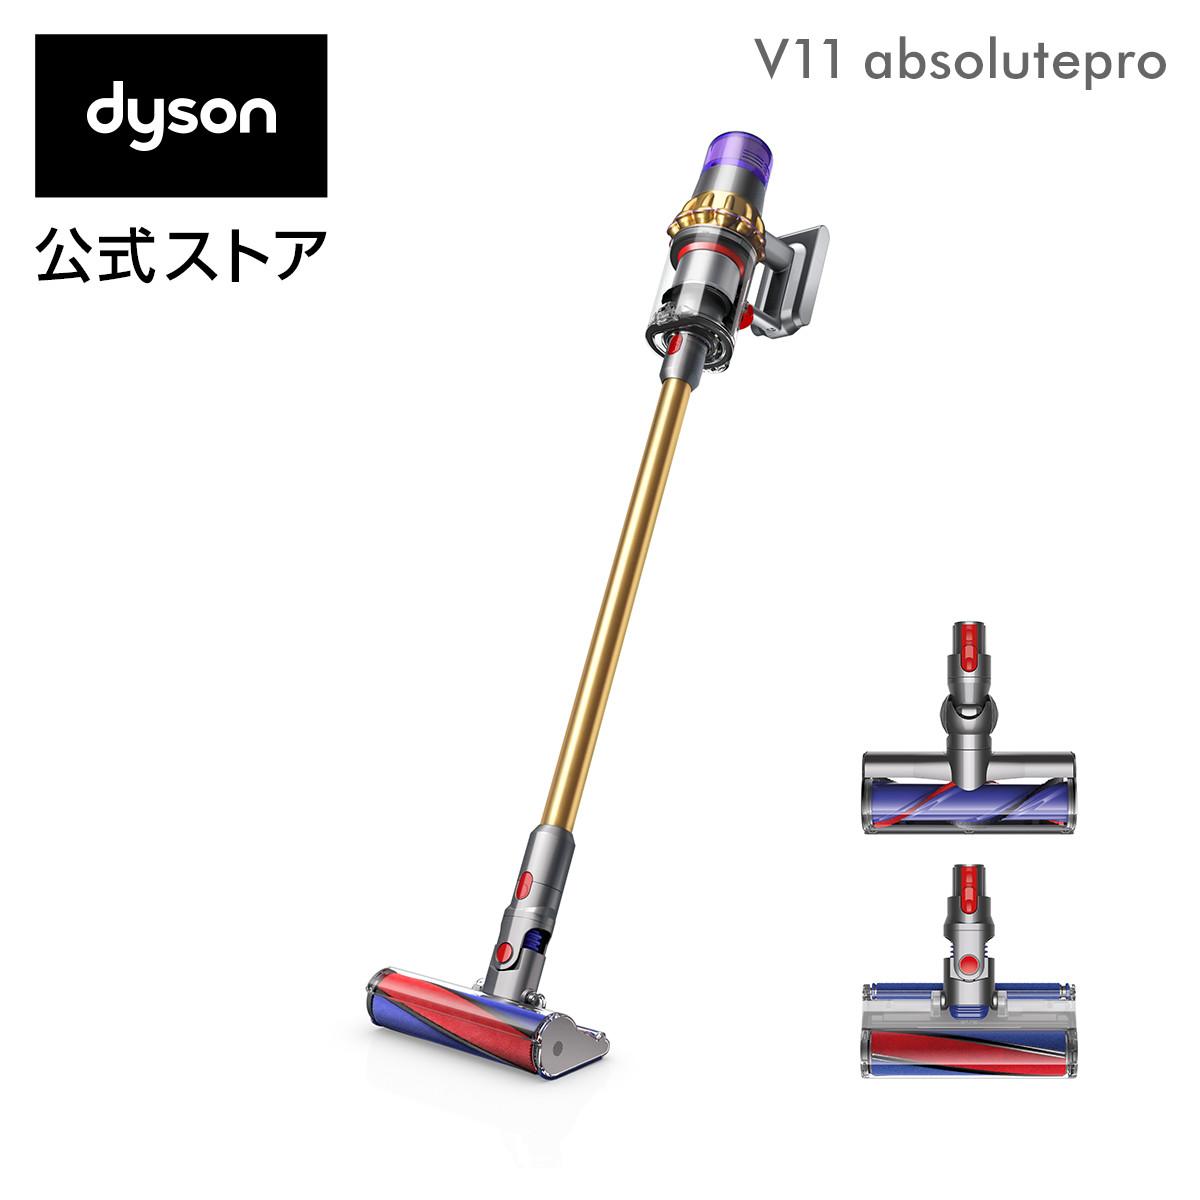 【直販限定 dyson】ダイソン サイクロン式 Dyson V11 Absolutepro サイクロン式 コードレス掃除機 dyson Dyson SV14EXT 2019年最新モデル, 激安コスメビレッジ:037331fc --- sunward.msk.ru